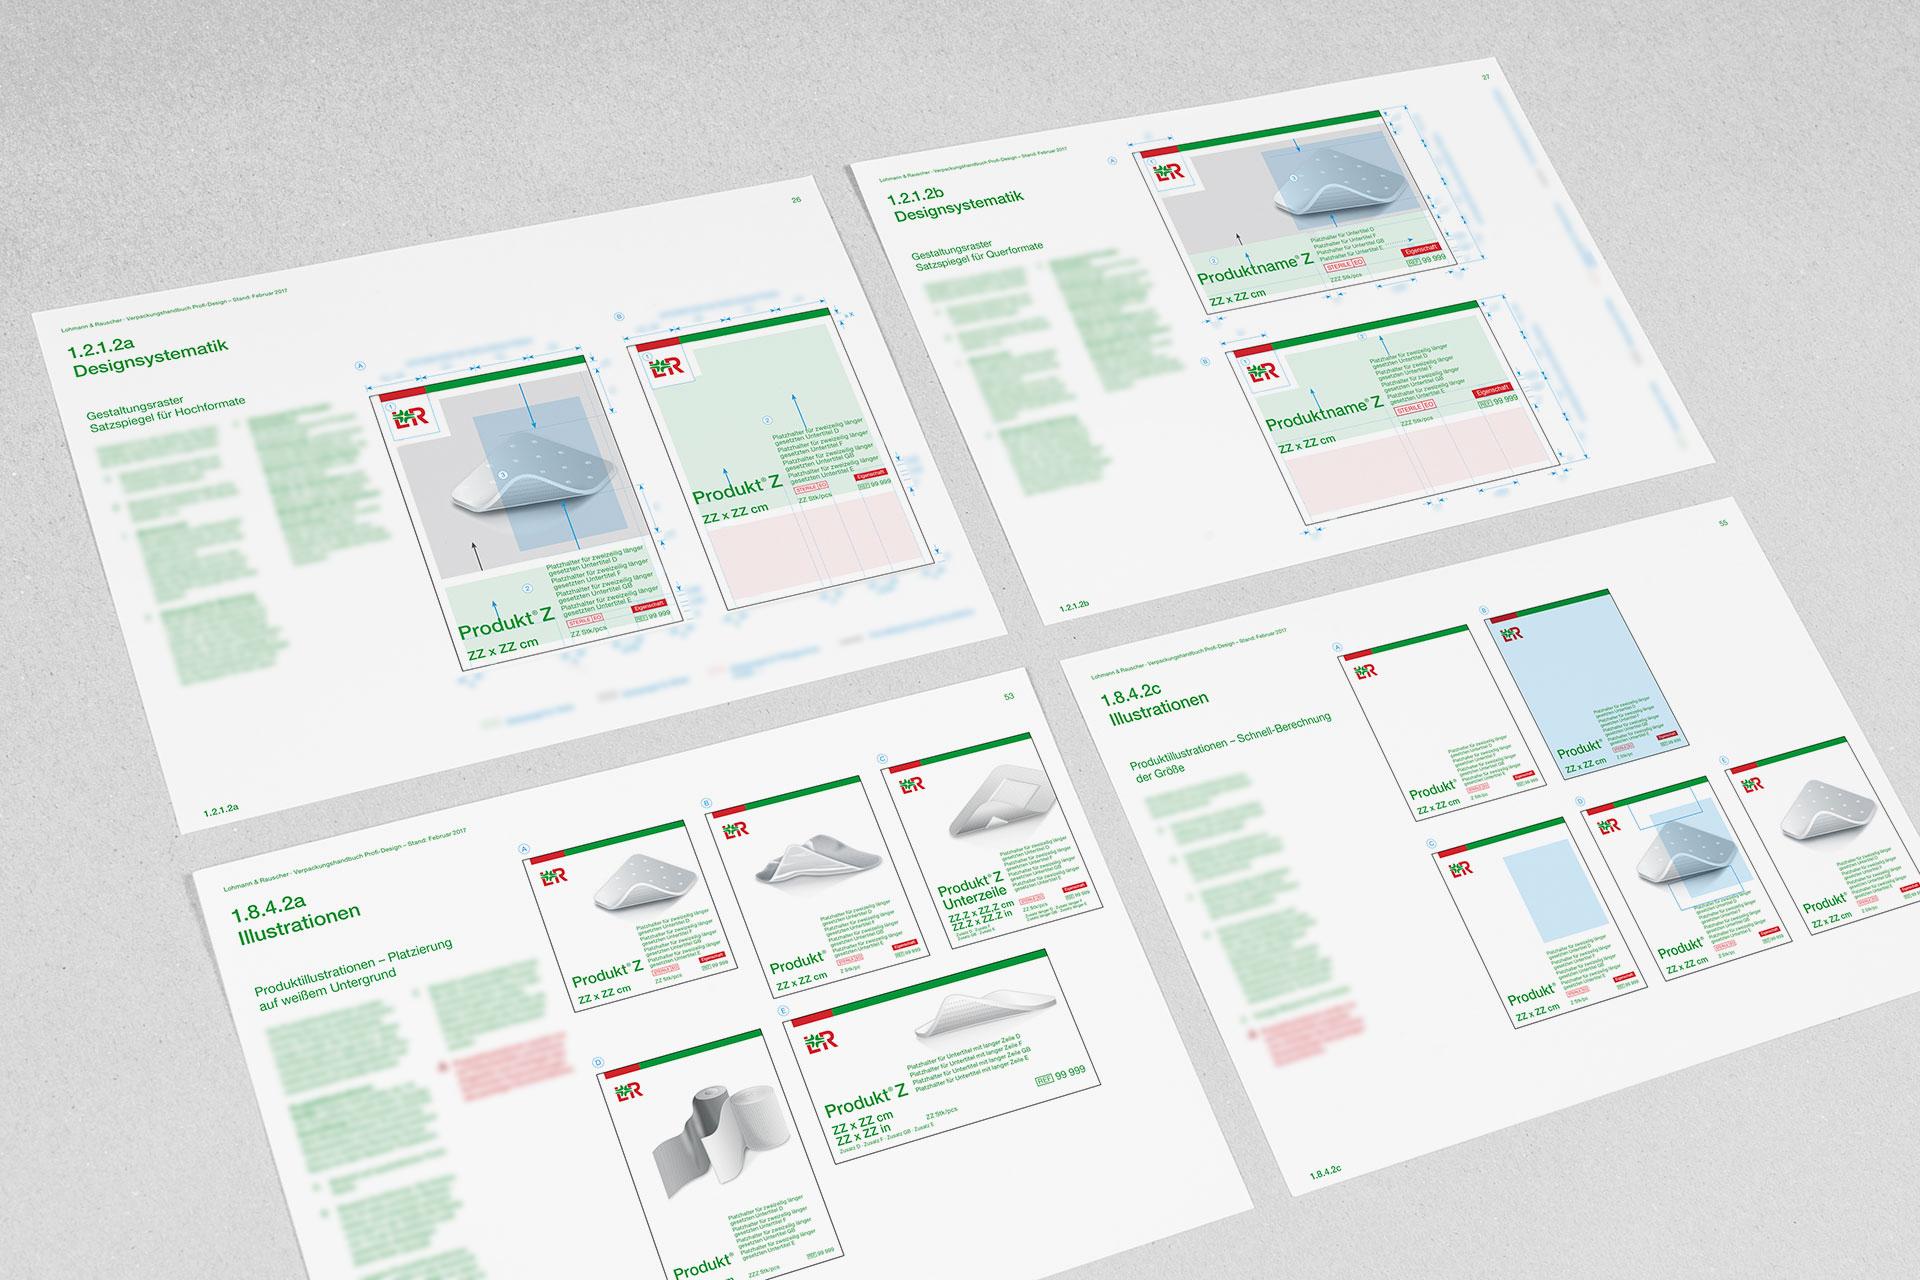 lohmann-rauscher verpackungsdesign manualseiten